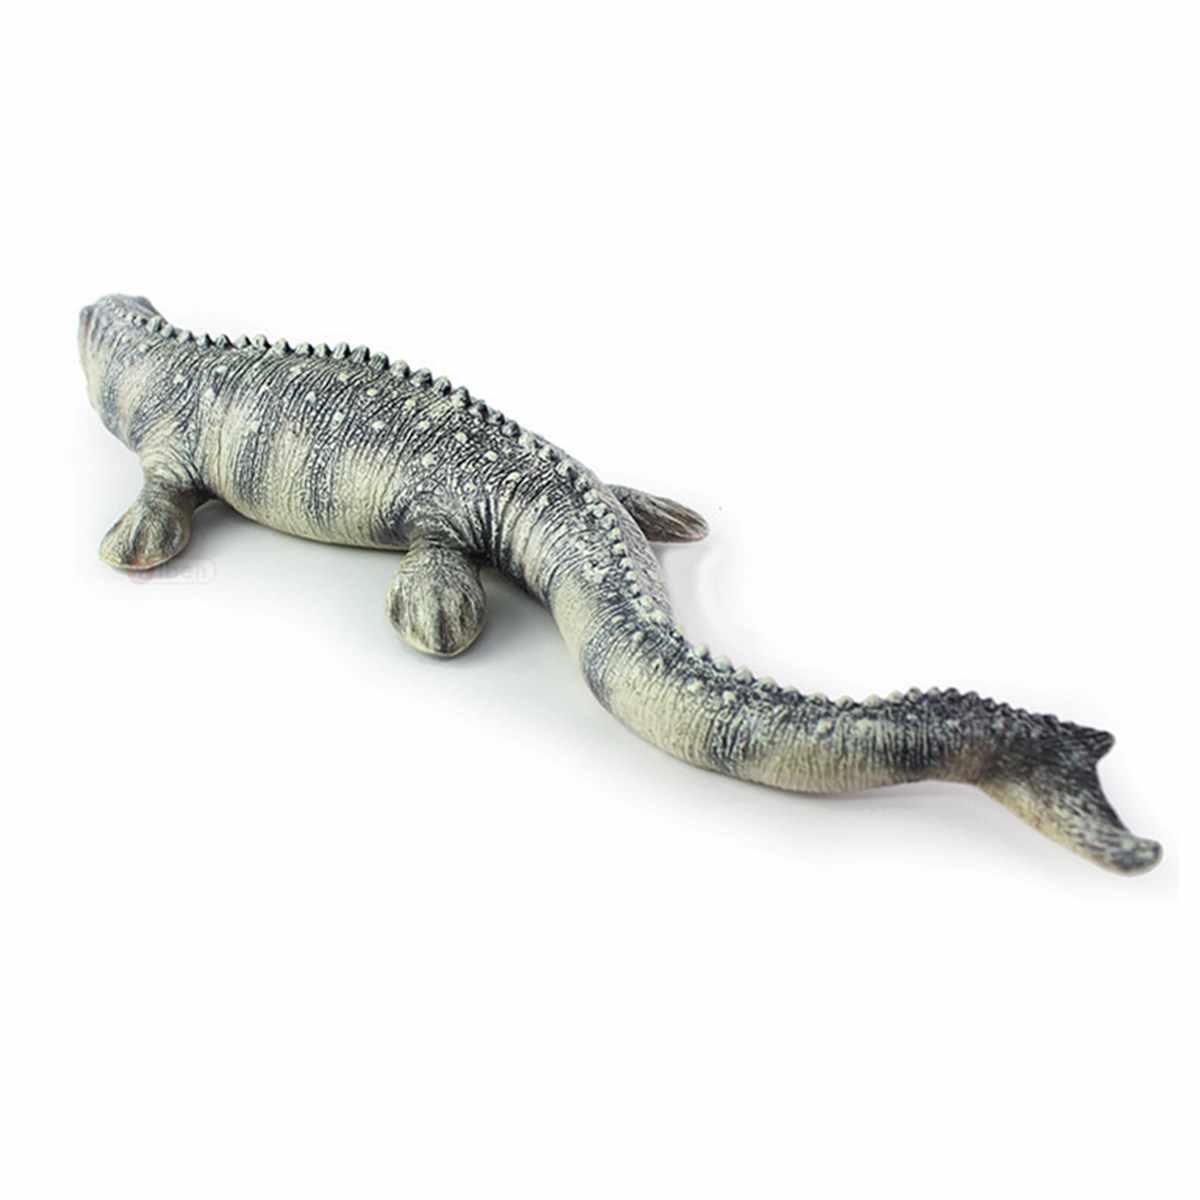 """17.72 """"Simulação Mosasaurus Dinossauro Modelo de Brinquedo Figura de Ação de Plástico Pintado À Mão Modelo Animal Dinossauro Brinquedos Para Presente Das Crianças"""